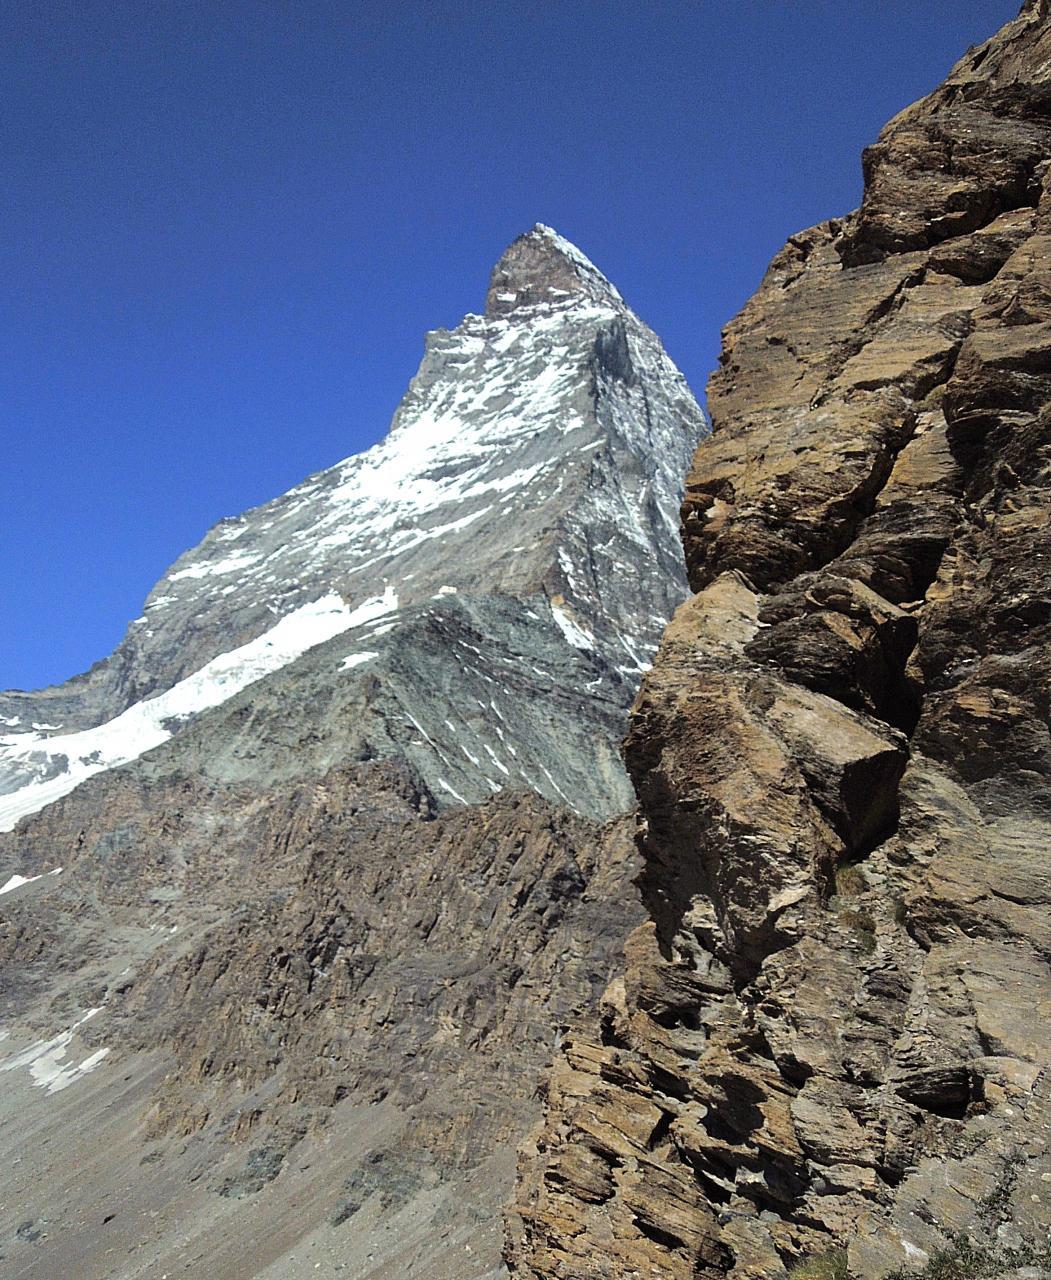 スイス・ハイキングの旅 2015夏(7) ヘルンリ・ヒュッテ再び